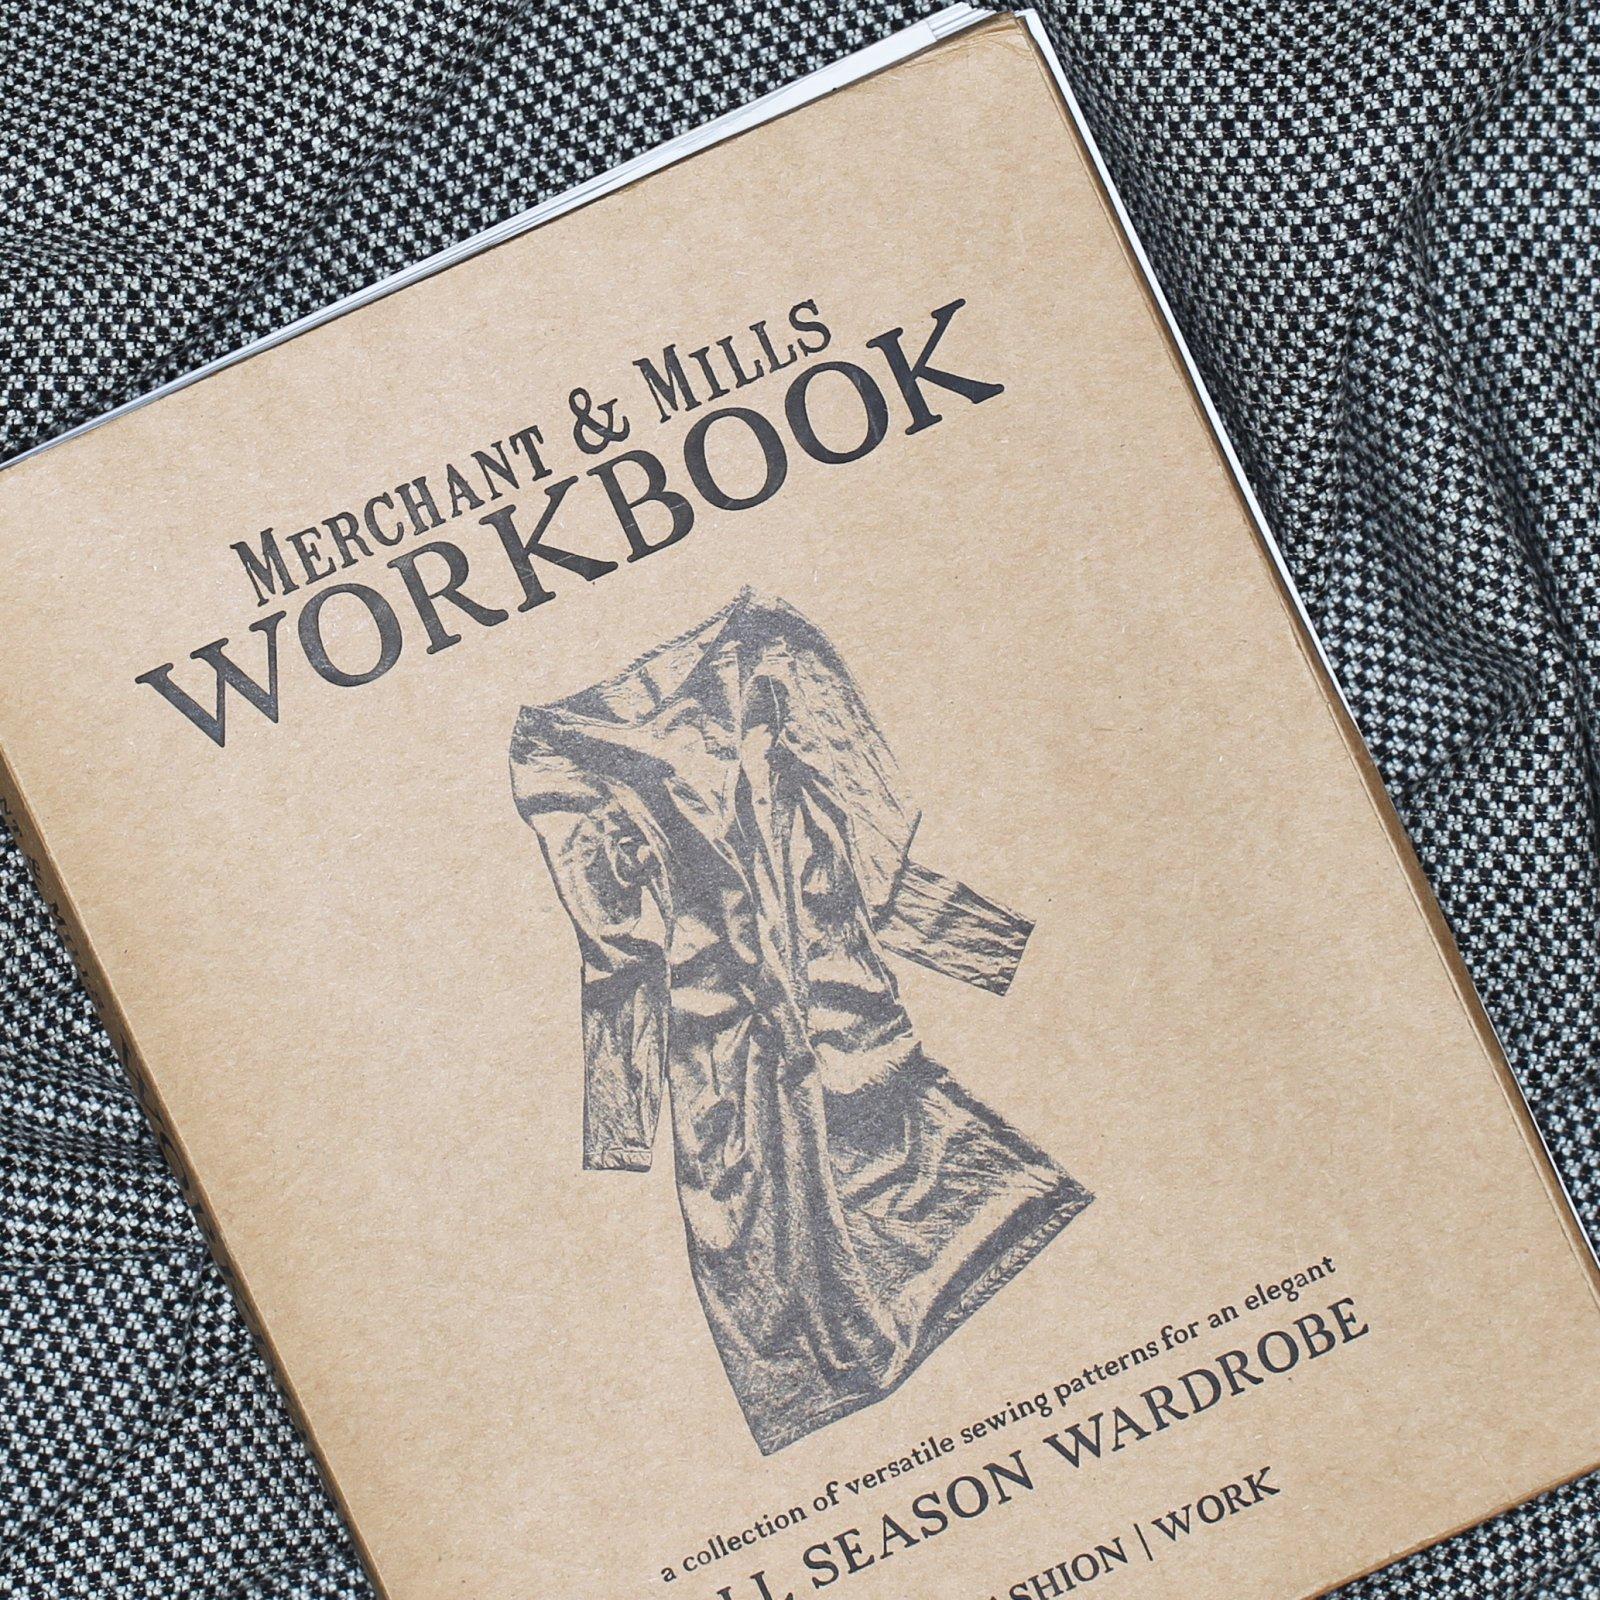 Merchant Mills Workbook with Patterns